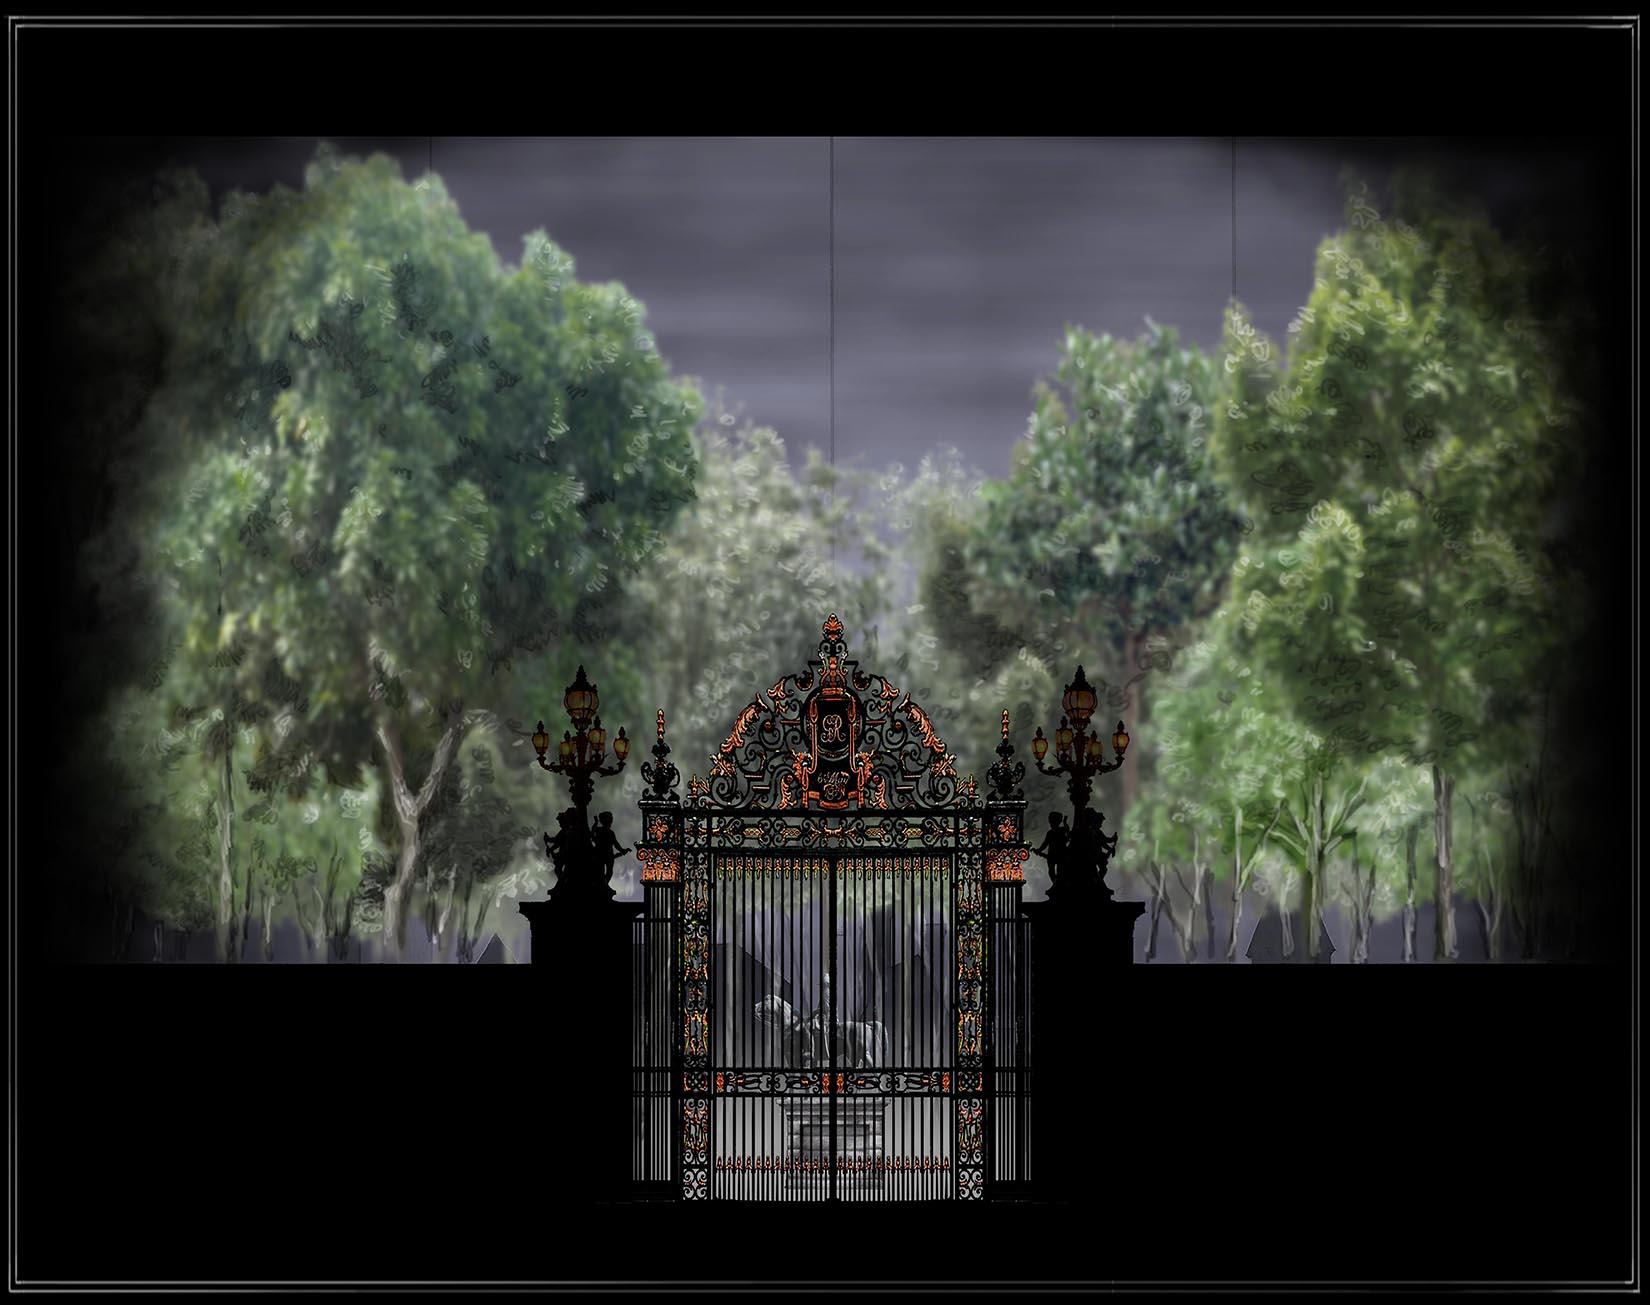 Projection #1: Park Exterior